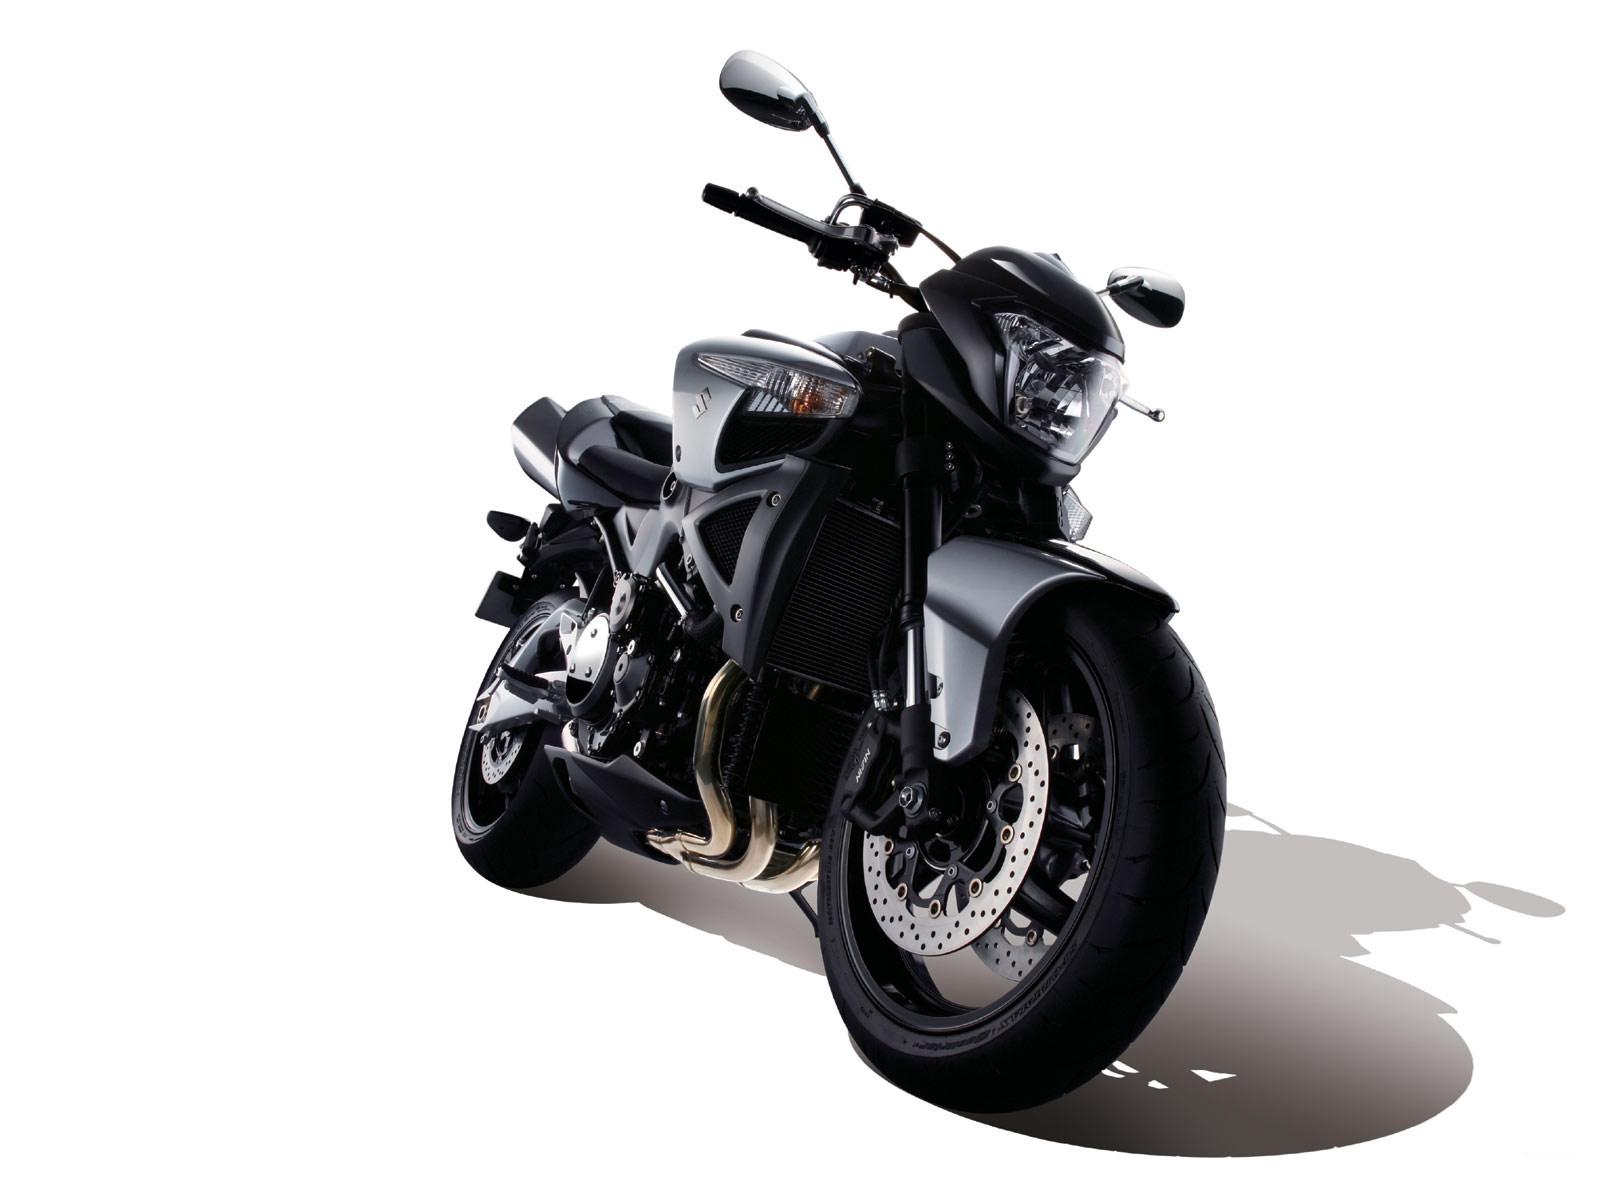 http://2.bp.blogspot.com/-qNQvCS71Hvg/TpzghLJR-tI/AAAAAAAACTM/nGYH6Cj9u3g/s1600/suzuki_B-King_2008_motorcycle-desktop-wallpaper_01.jpg